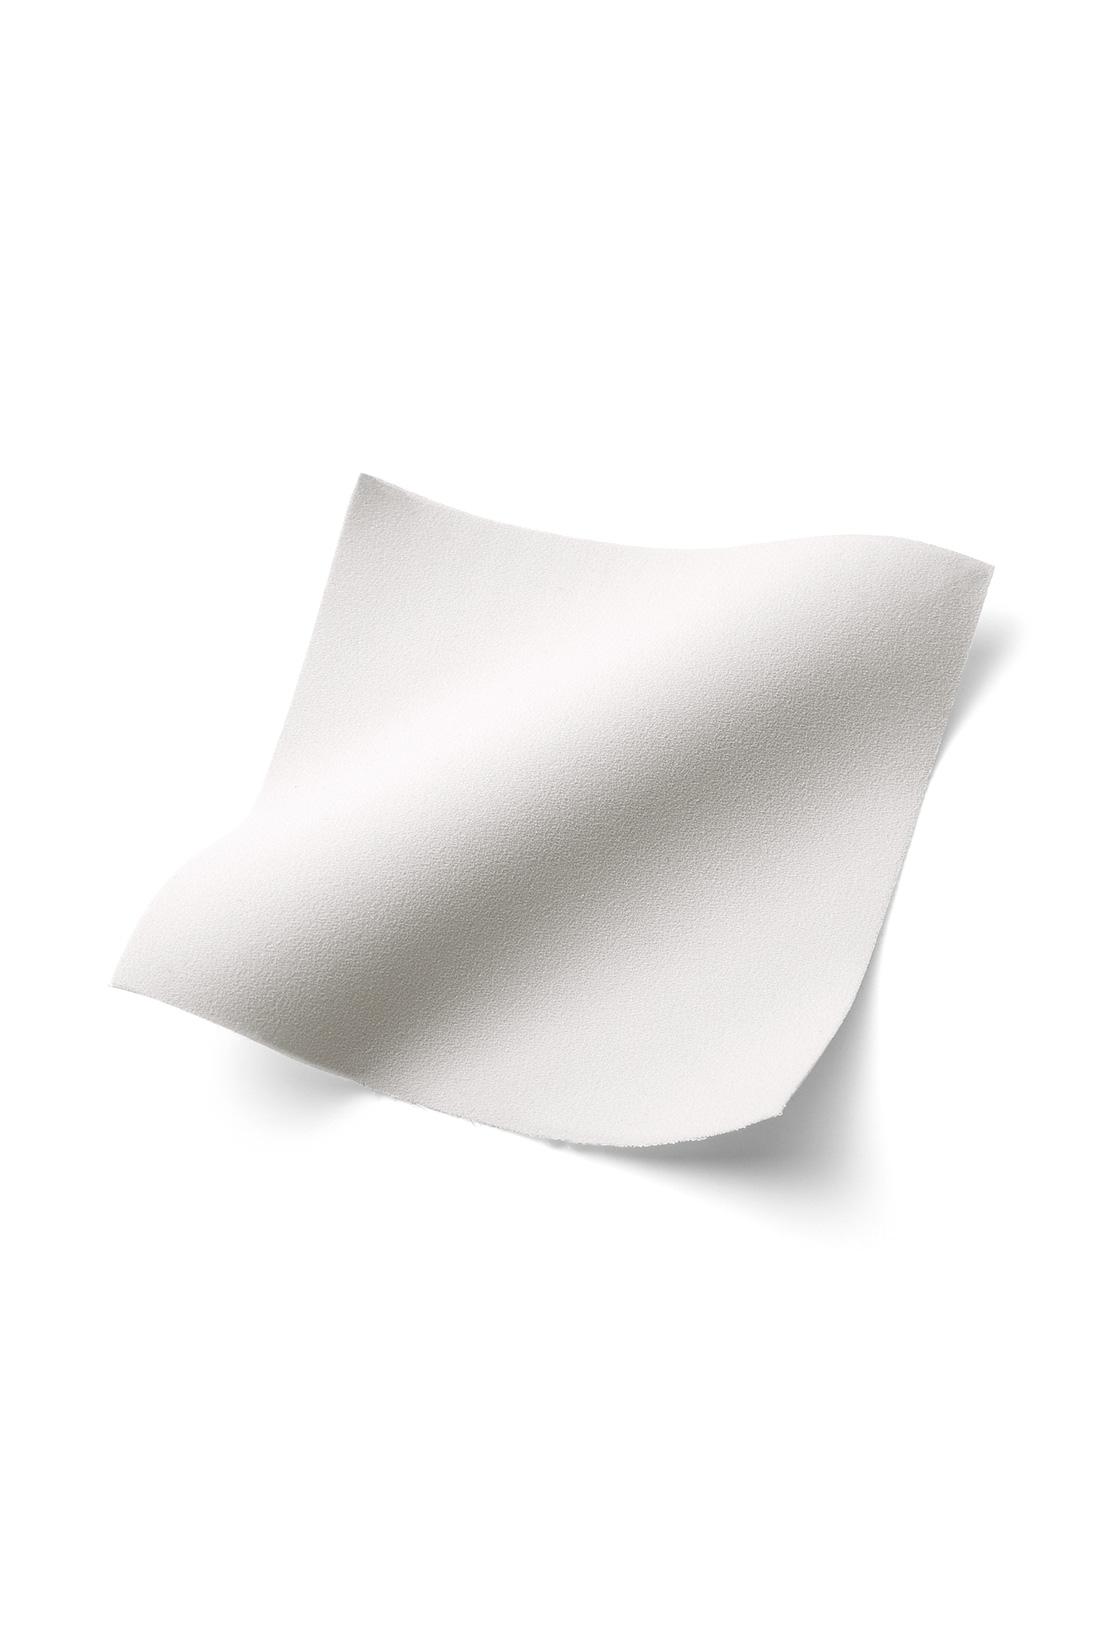 吸汗速乾の快適さと上質感を両立 素材はほどよい光沢ときれいな表面感に上質感が漂う、滑らかな布はく素材。吸汗速乾加工で肌心地もさわやかです。